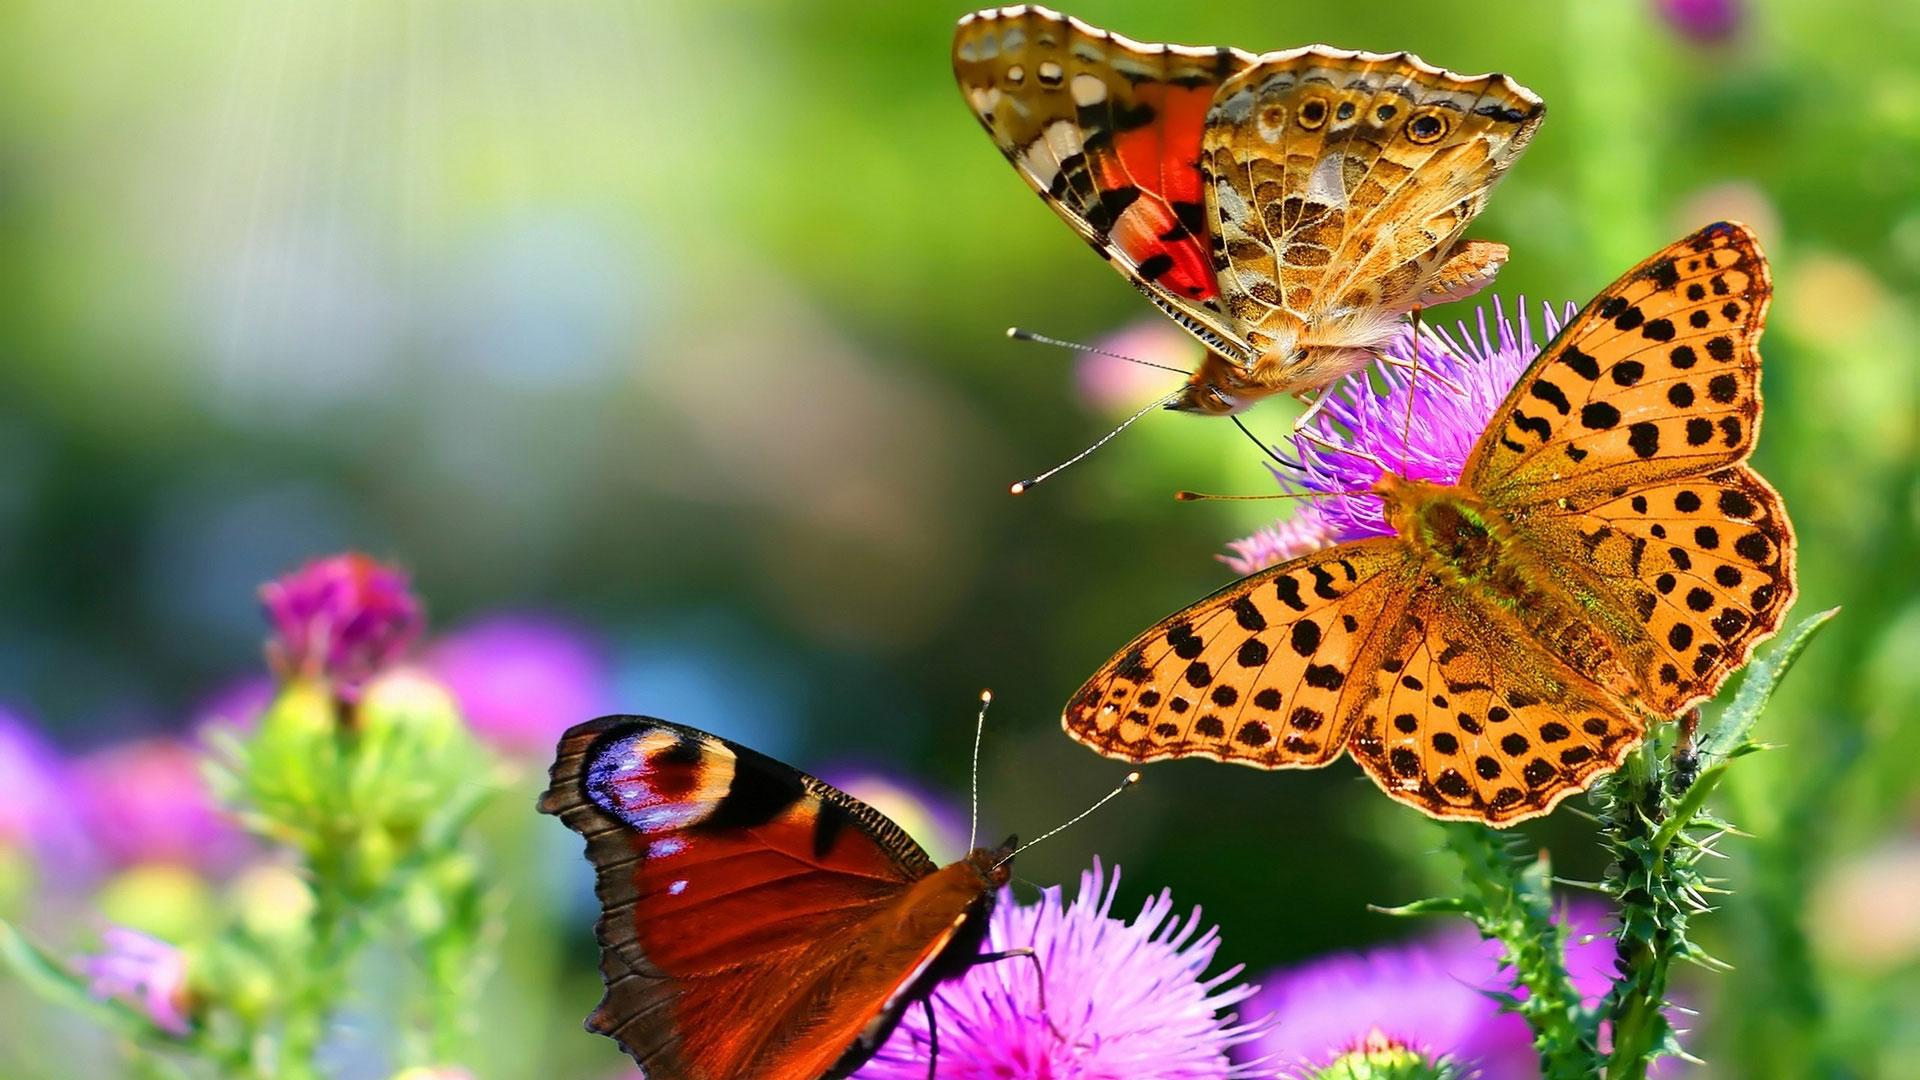 Скачать бесплатно обои бабочки на рабочий стол   подборка (8)